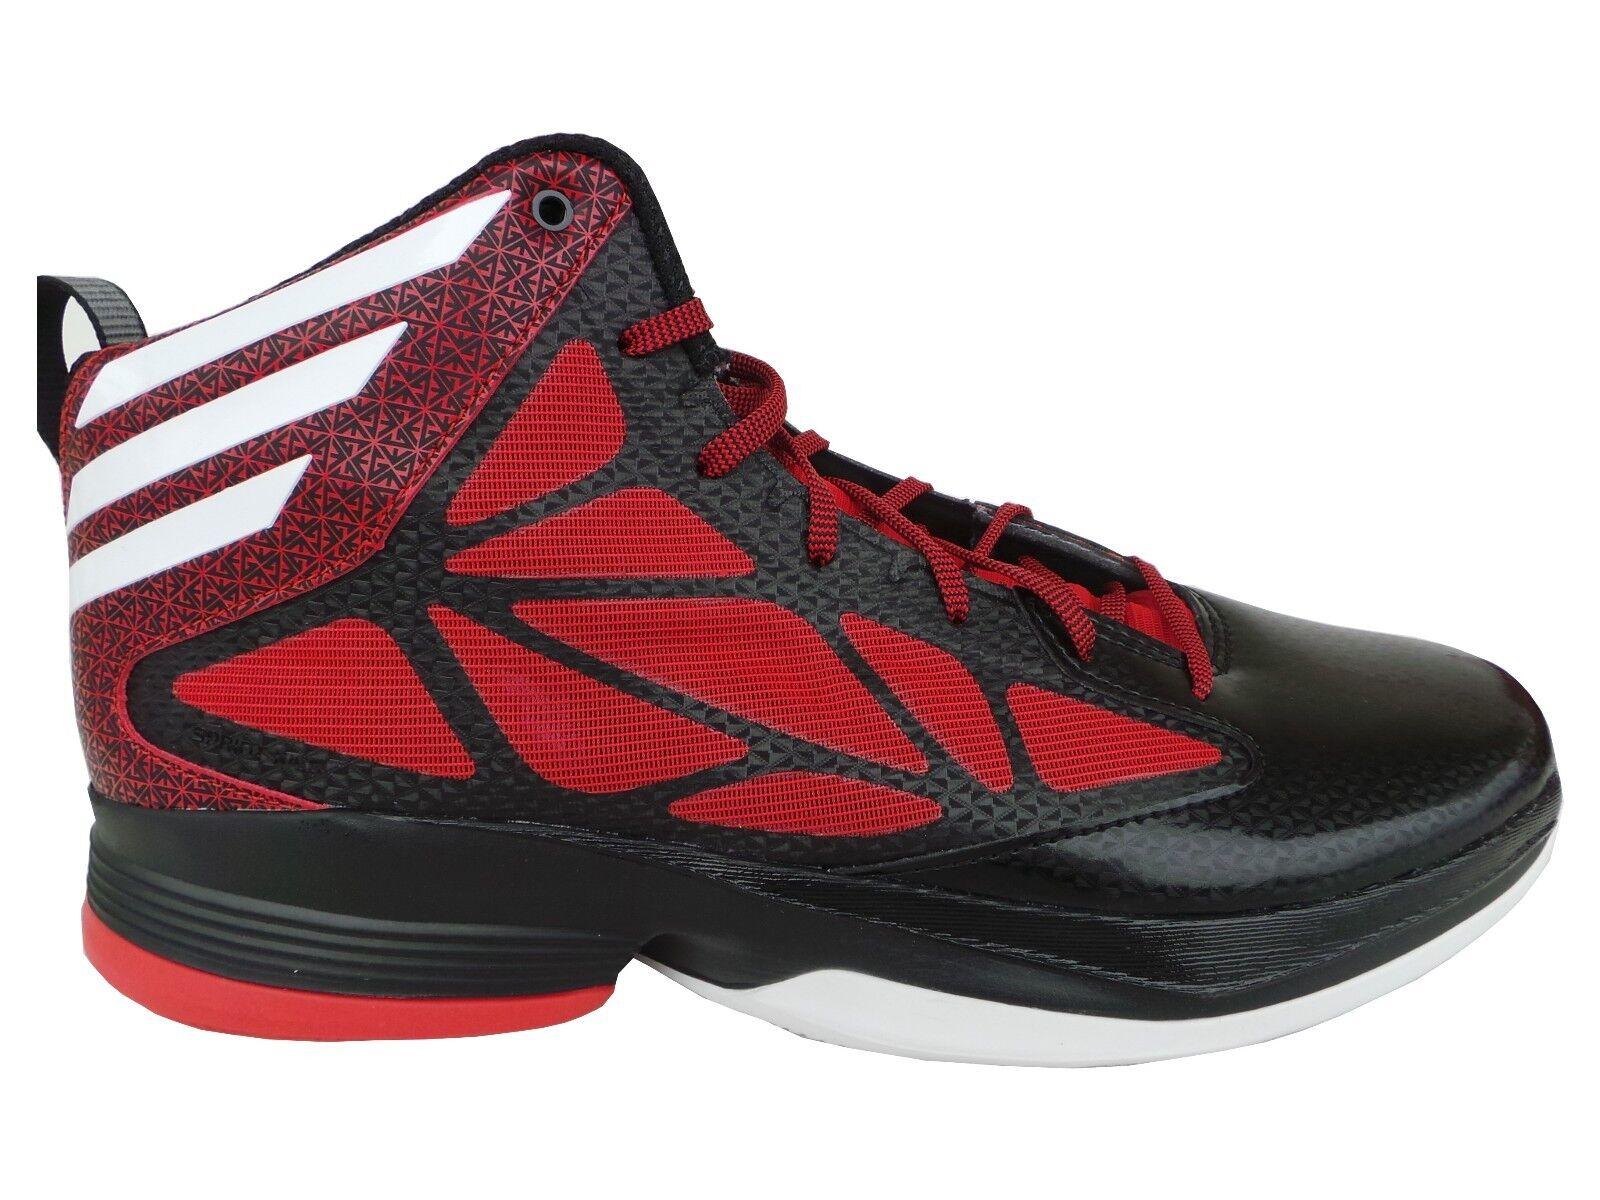 Adidas Loco Rápido Baloncesto Zapatos botas Negro Rojo Talla 50 55 2 3 14 19